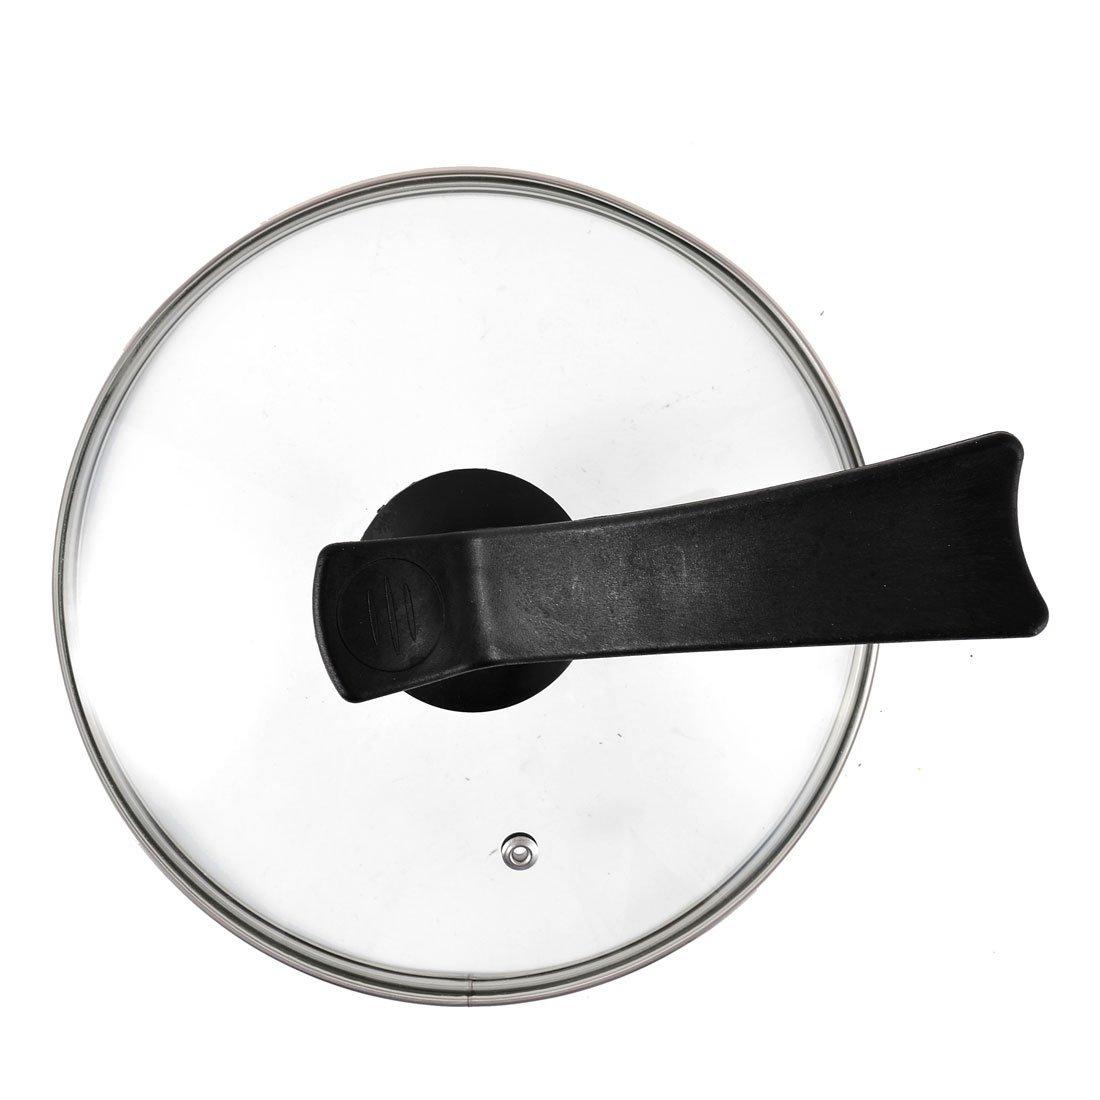 Amazon.com: eDealMax vidrio templado de cocina utensilios de cocina Olla de reemplazo Tapa 8.7 pulgadas Clear: Kitchen & Dining